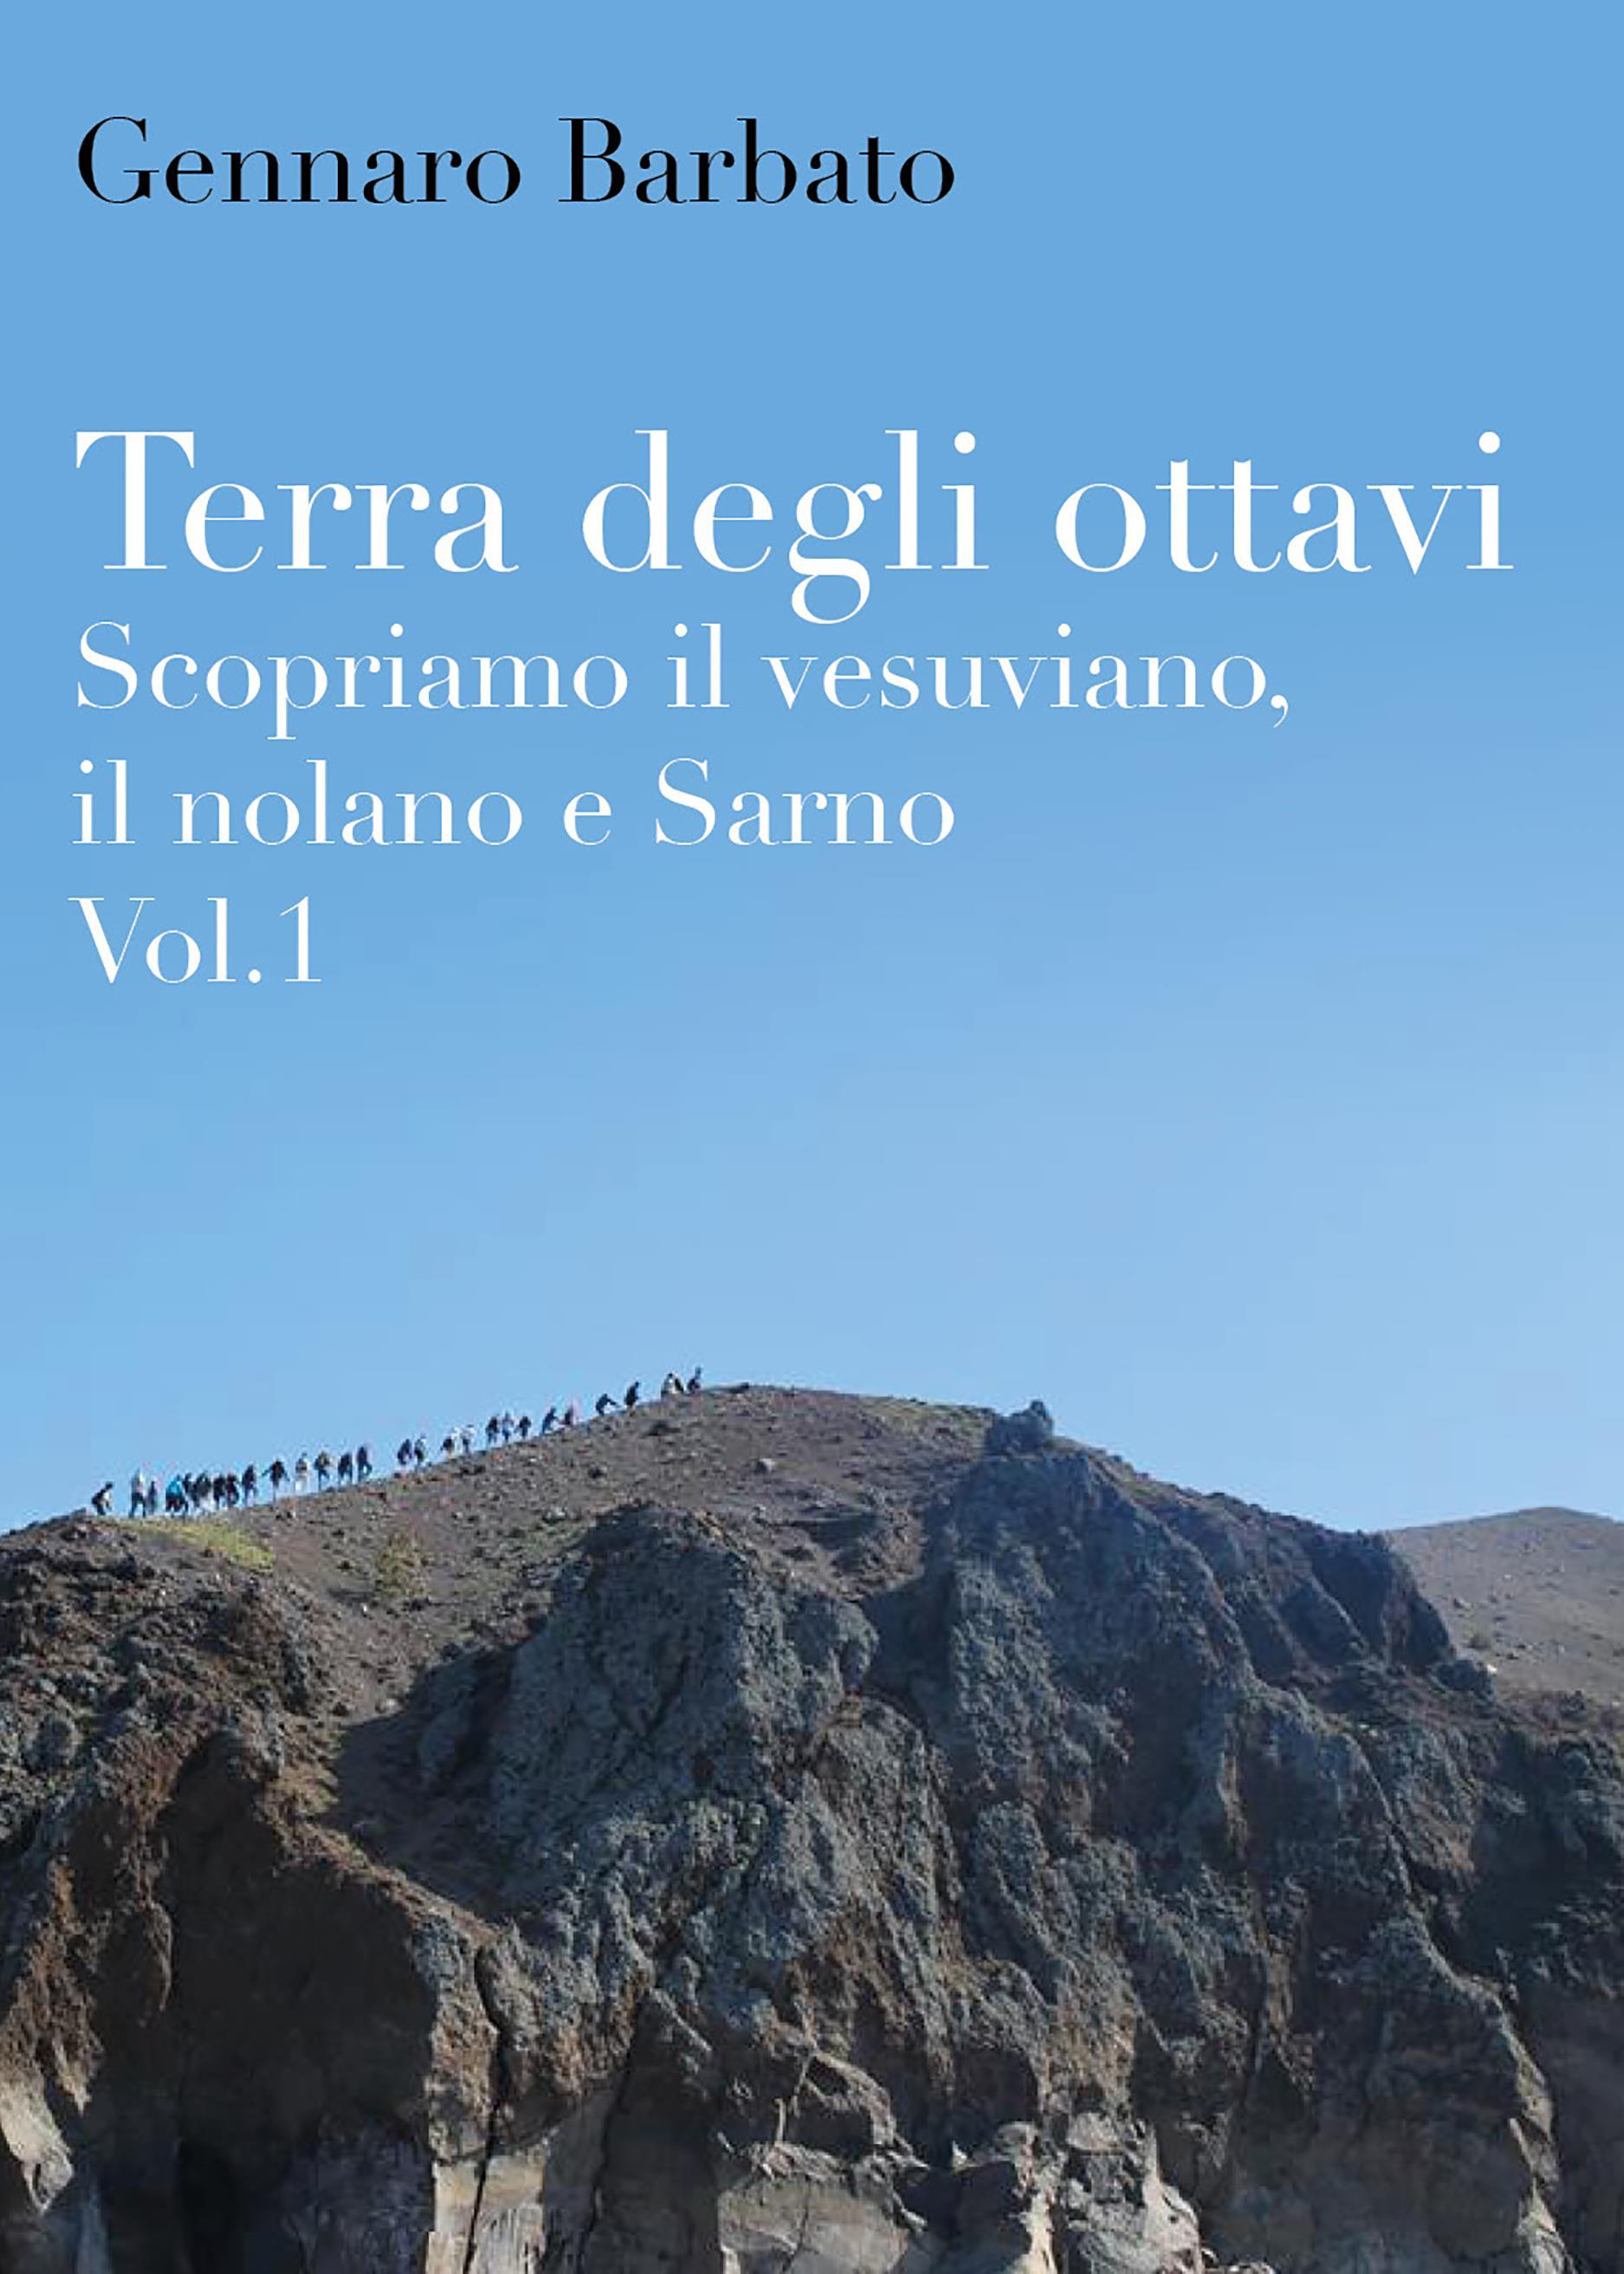 Terra degli ottavi. Scopriamo il vesuviano, il nolano e Sarno. Vol. 1